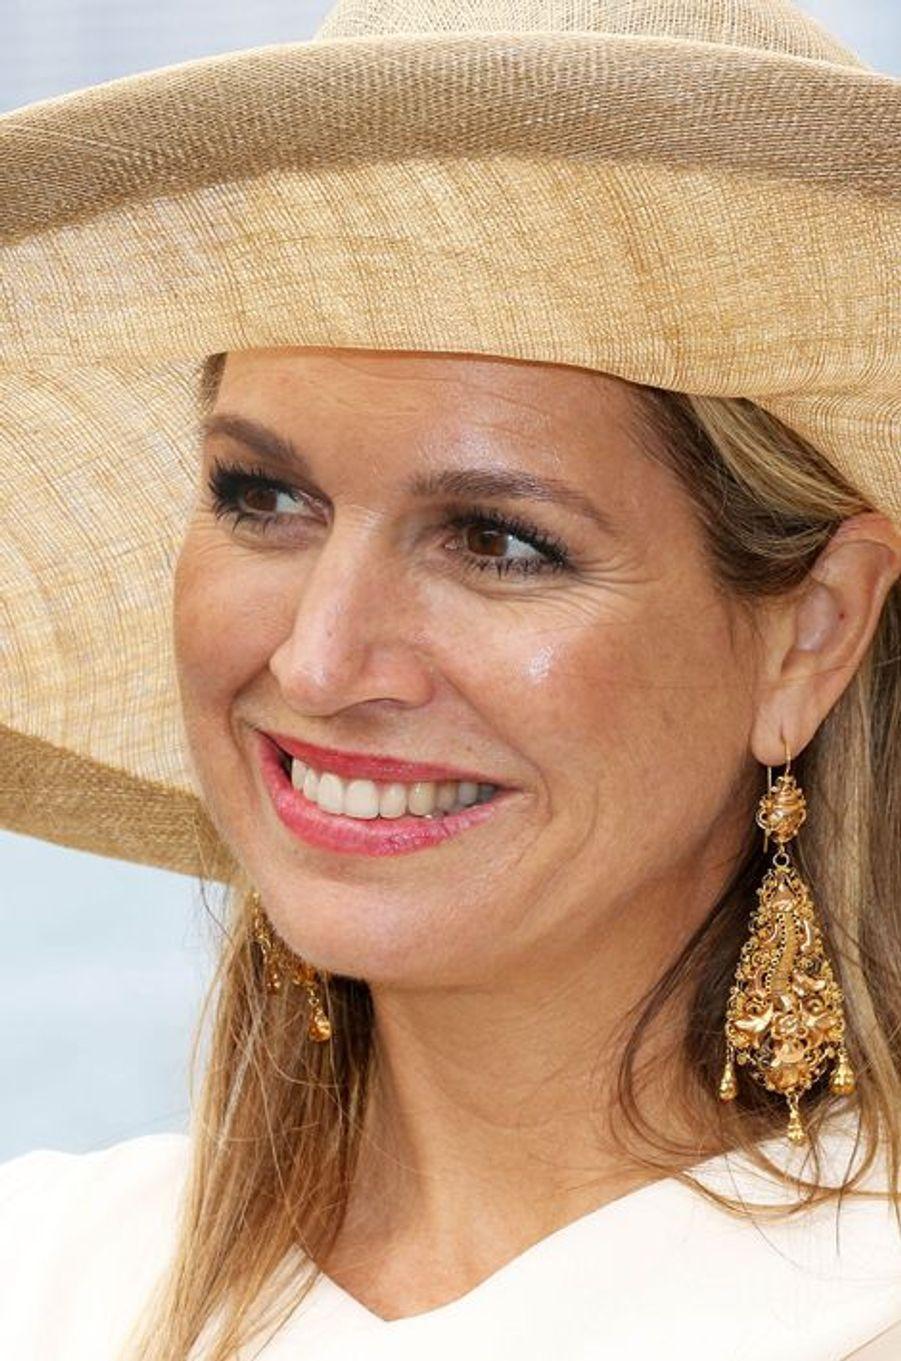 La reine Maxima des Pays-Bas à Toronto, le 29 mai 2015